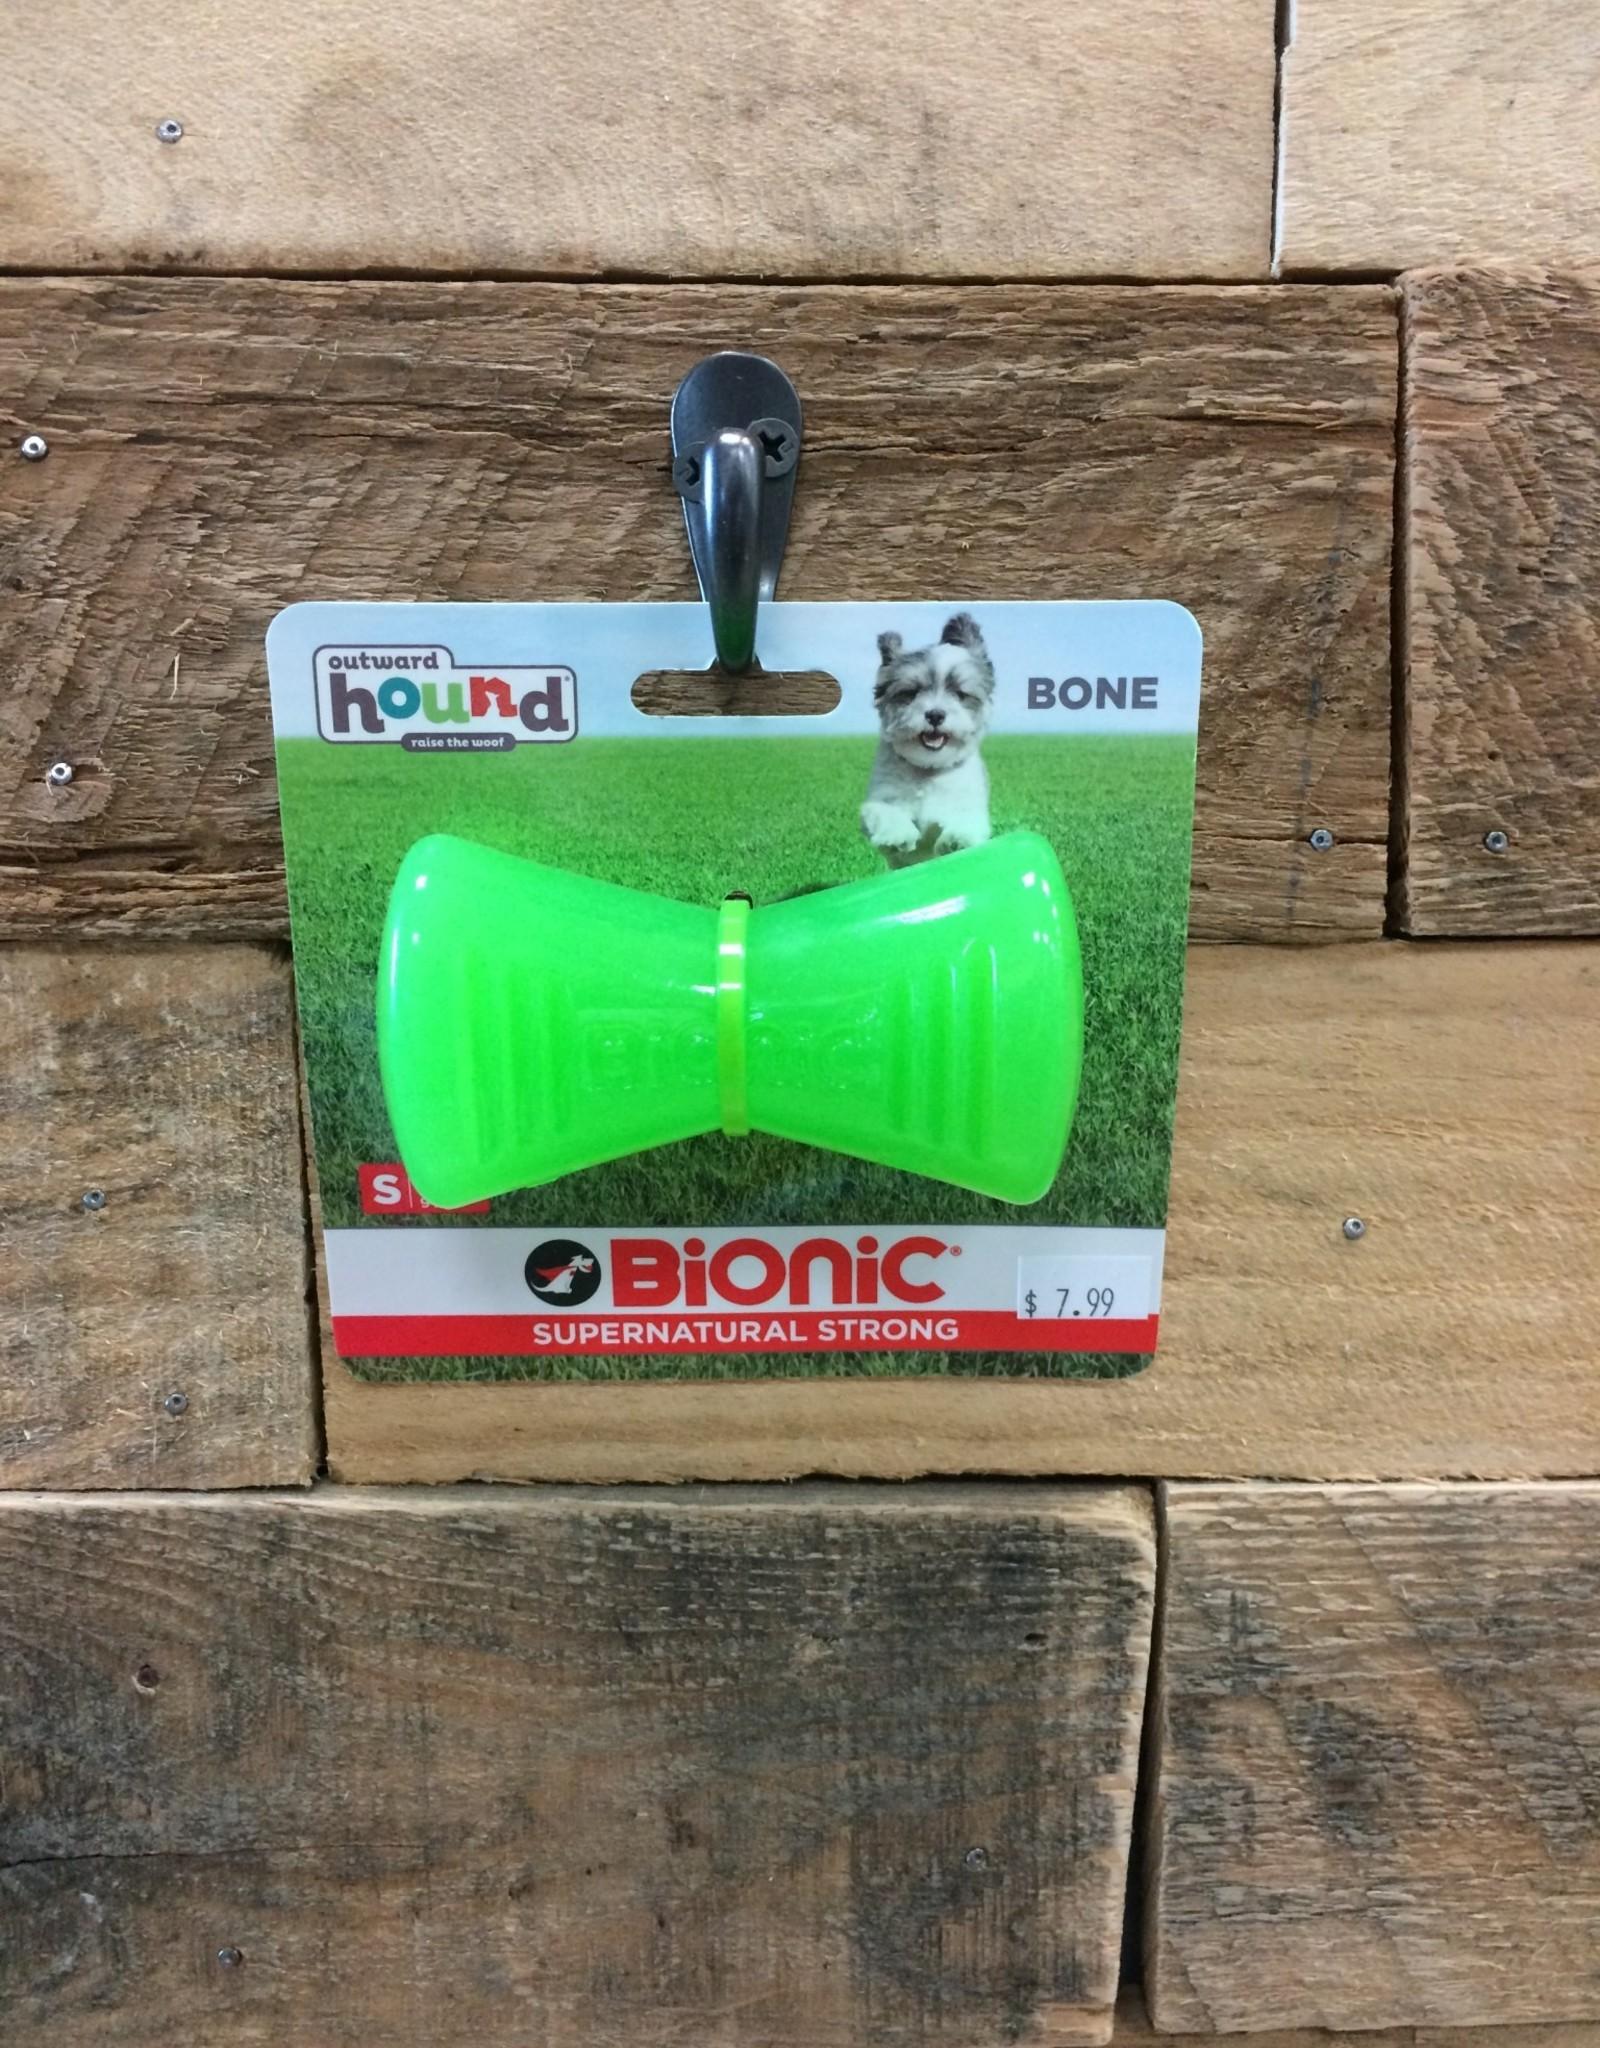 Outward Hound - Bionic Bionic Bone green sm